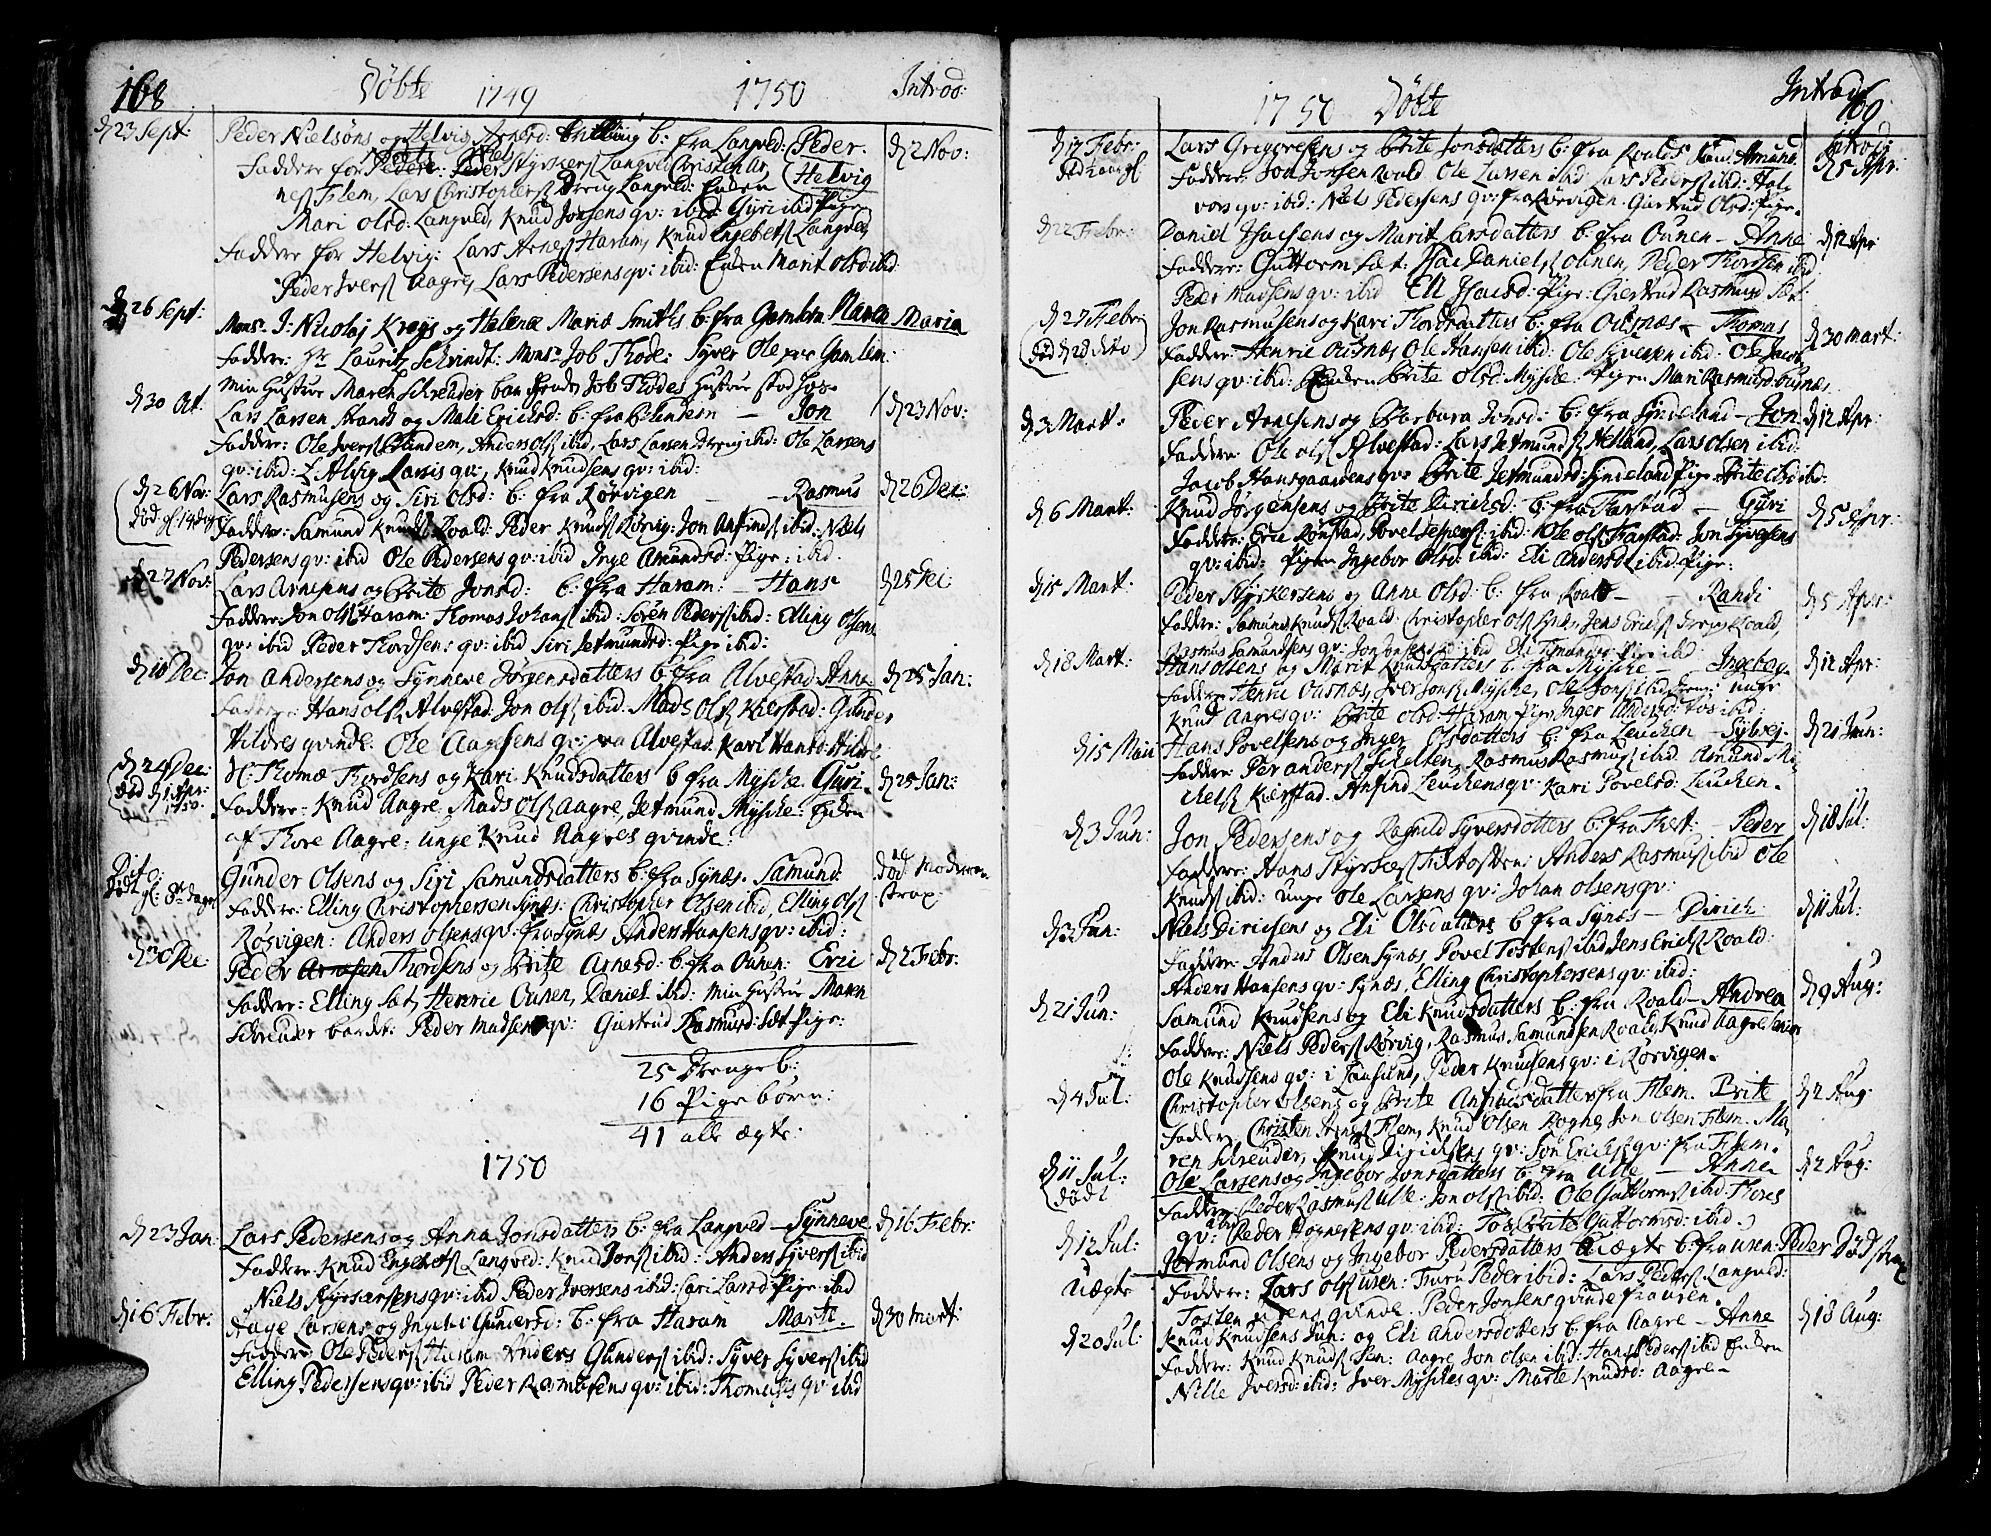 SAT, Ministerialprotokoller, klokkerbøker og fødselsregistre - Møre og Romsdal, 536/L0493: Ministerialbok nr. 536A02, 1739-1802, s. 168-169